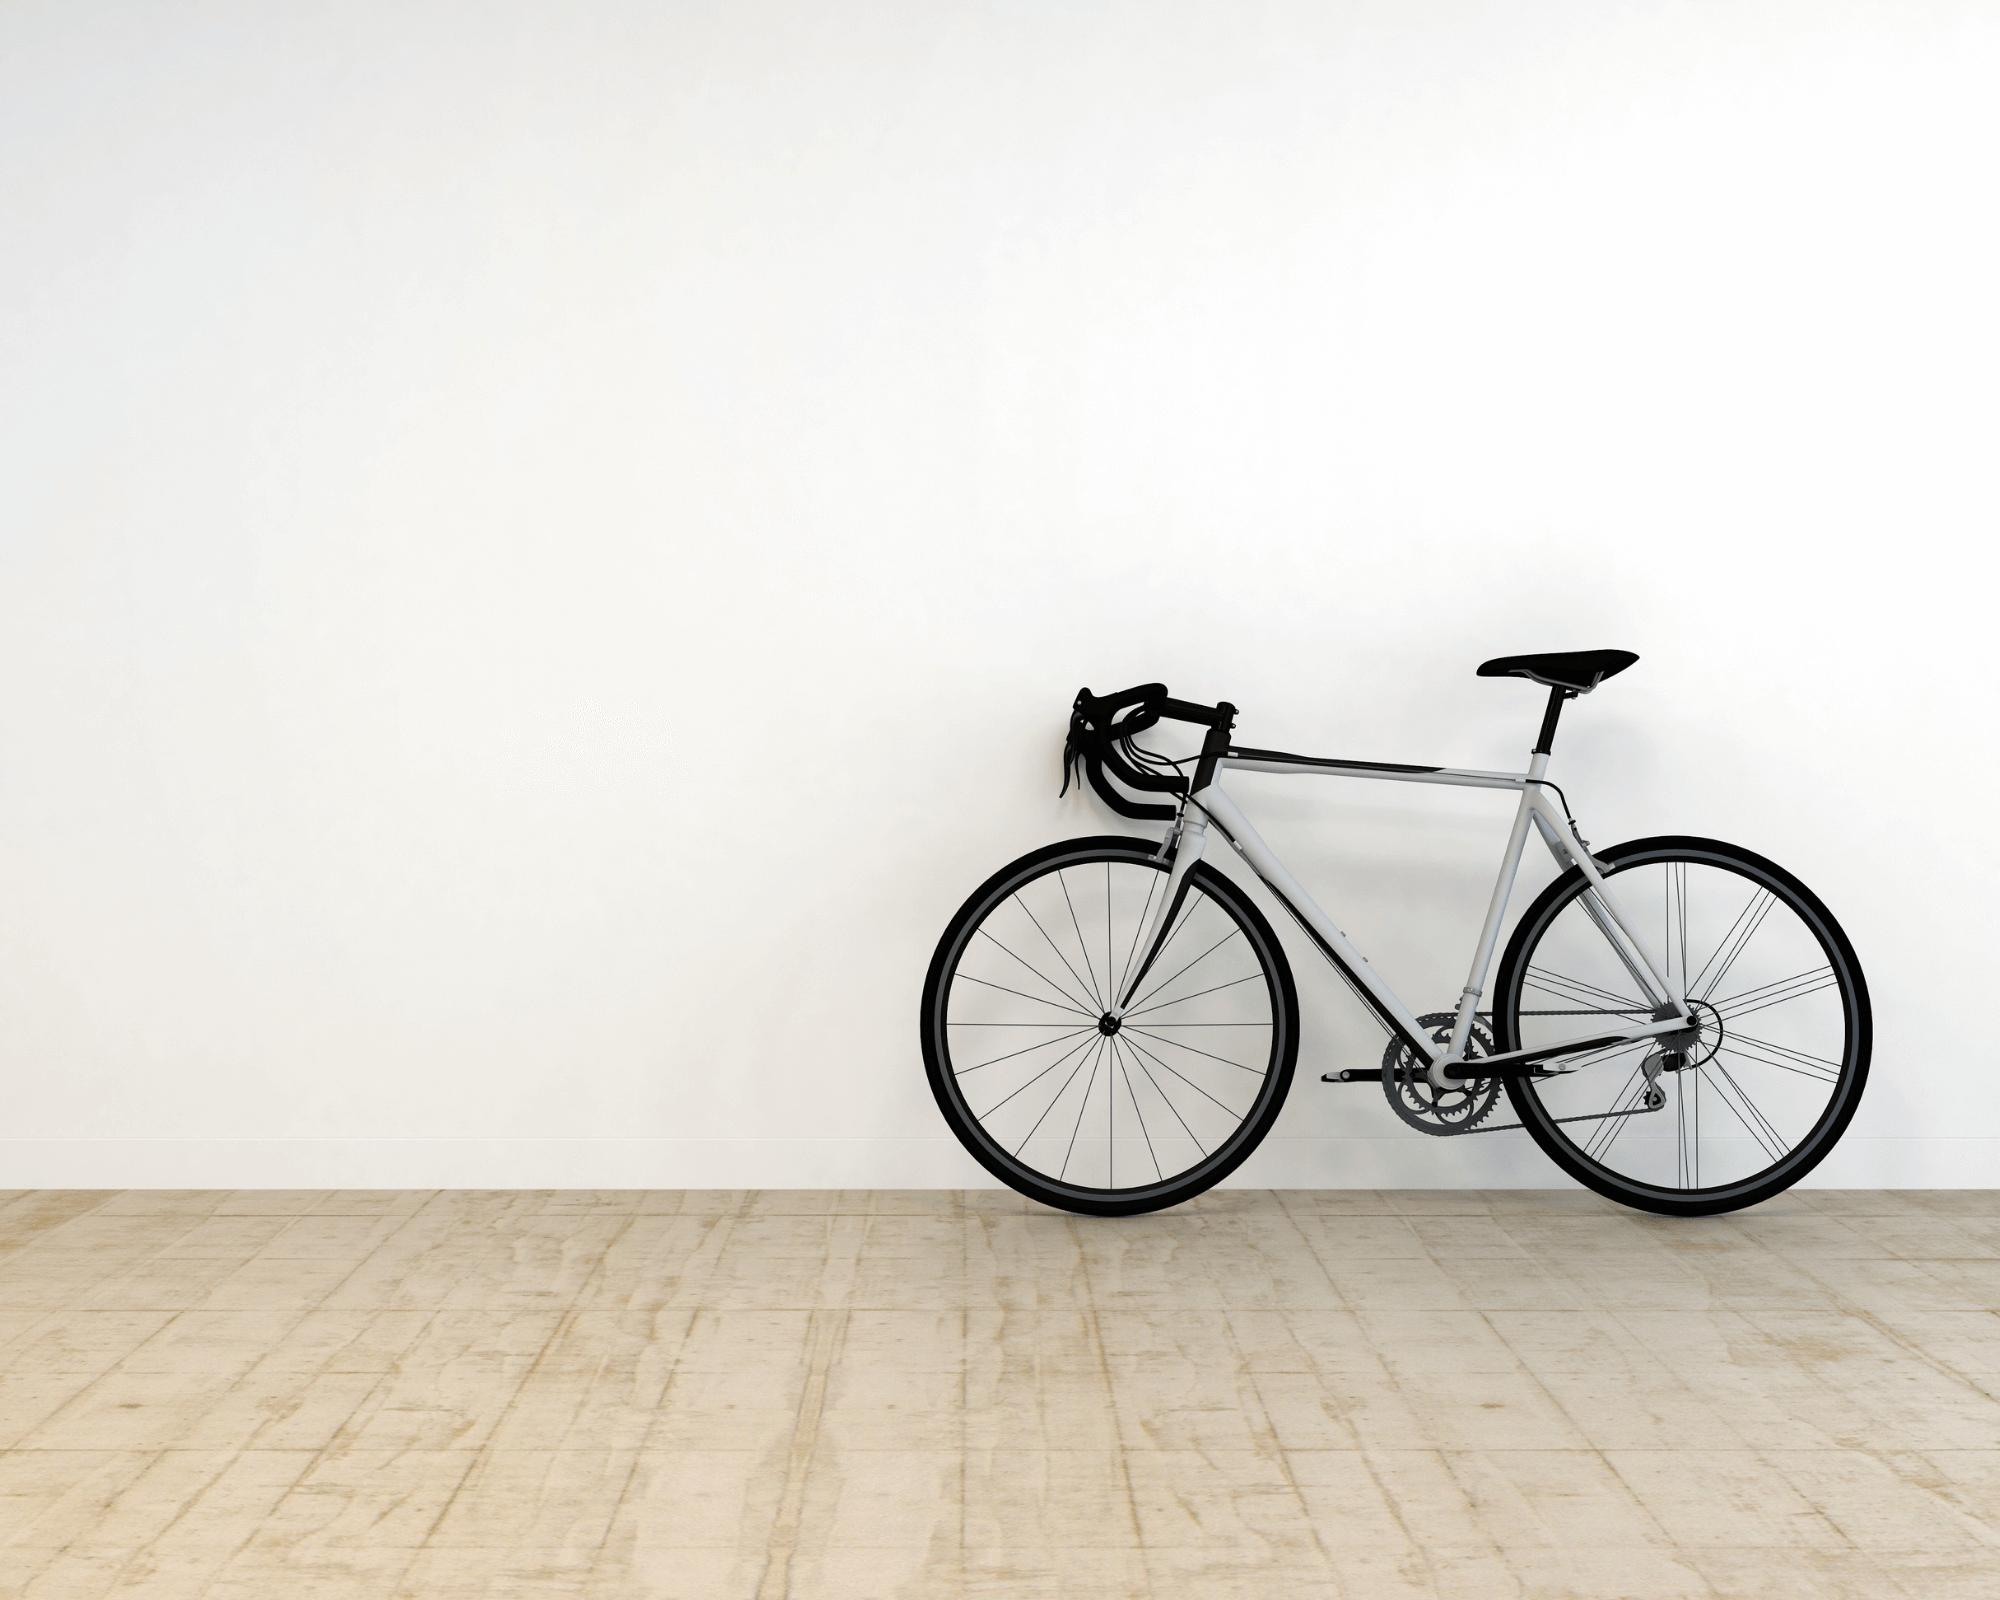 la bicicleta es una transporte sostenible